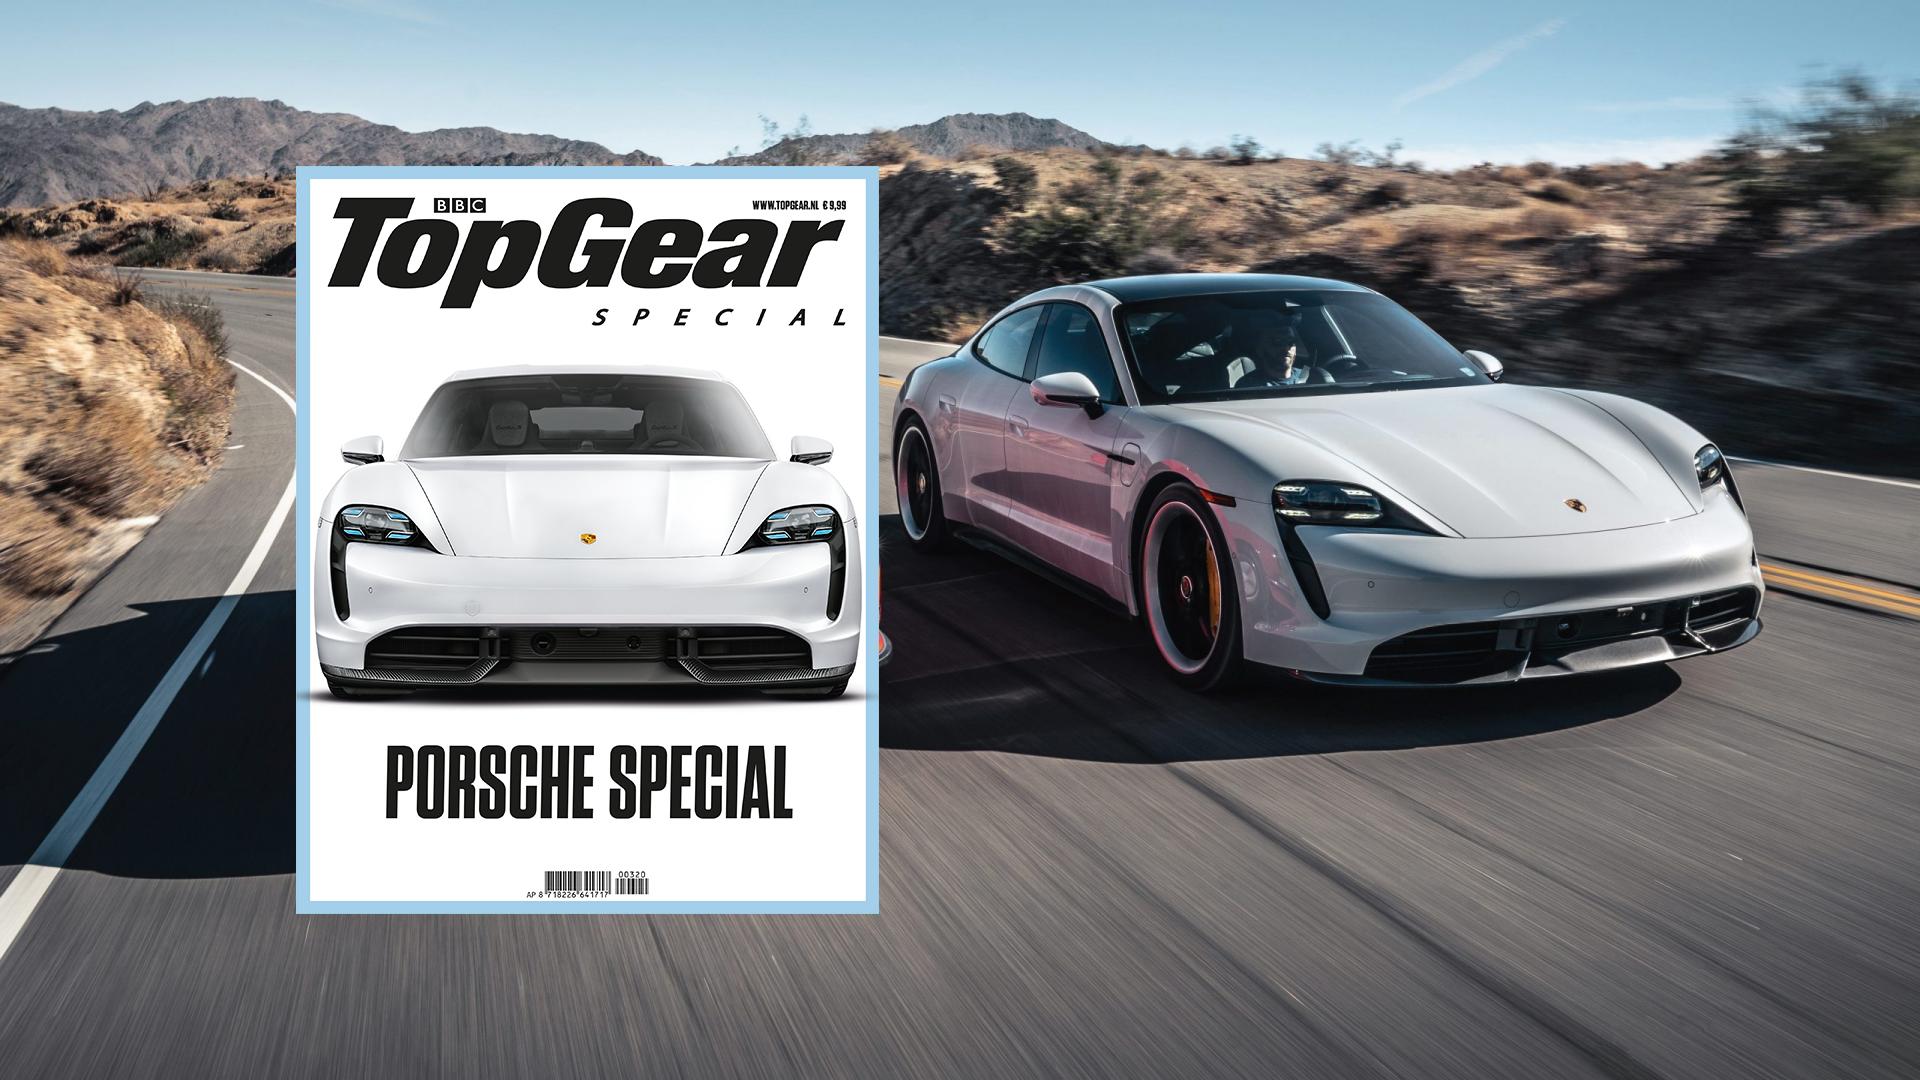 TopGear Porsche Special